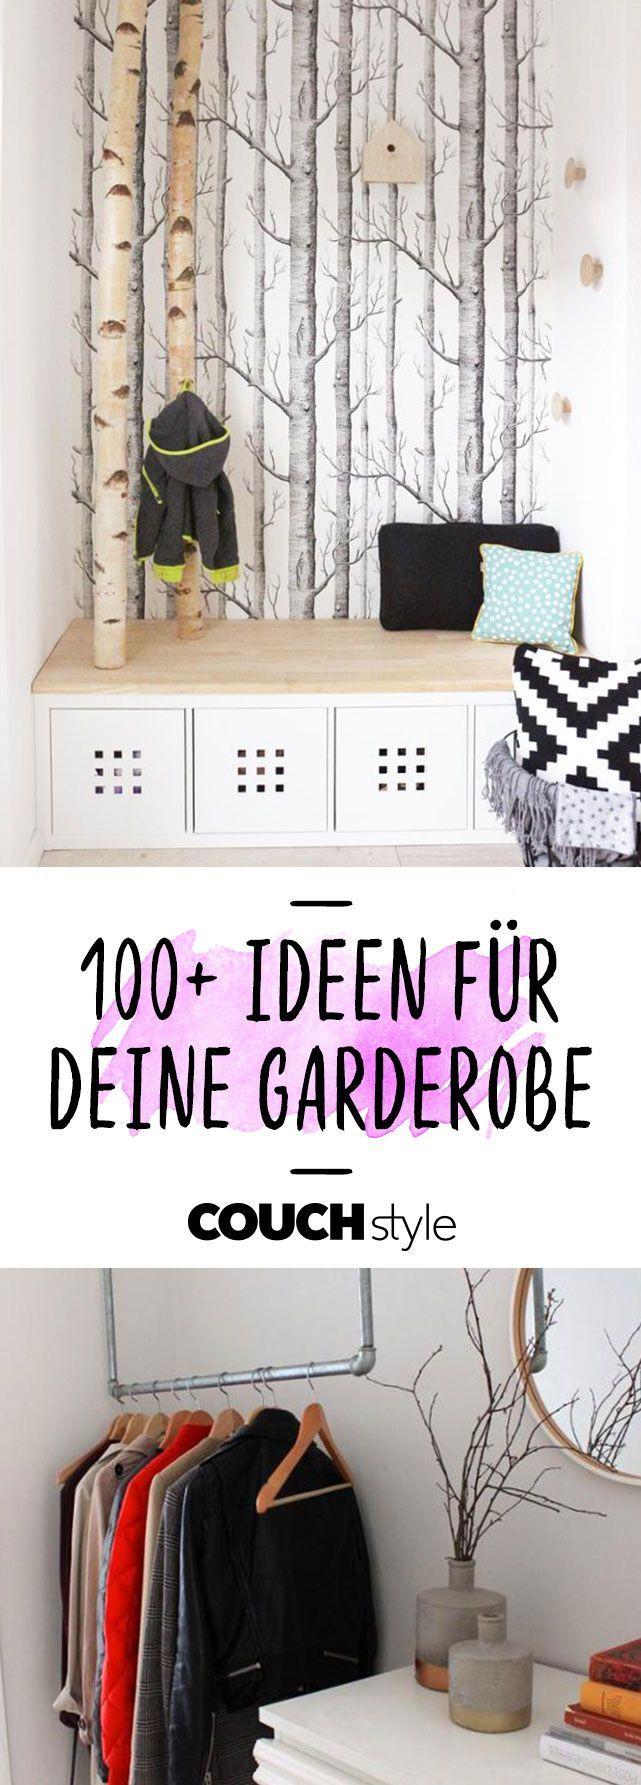 Garderoben-Ideen: So schaffst du stilvoll Ordnung! #flureinrichten